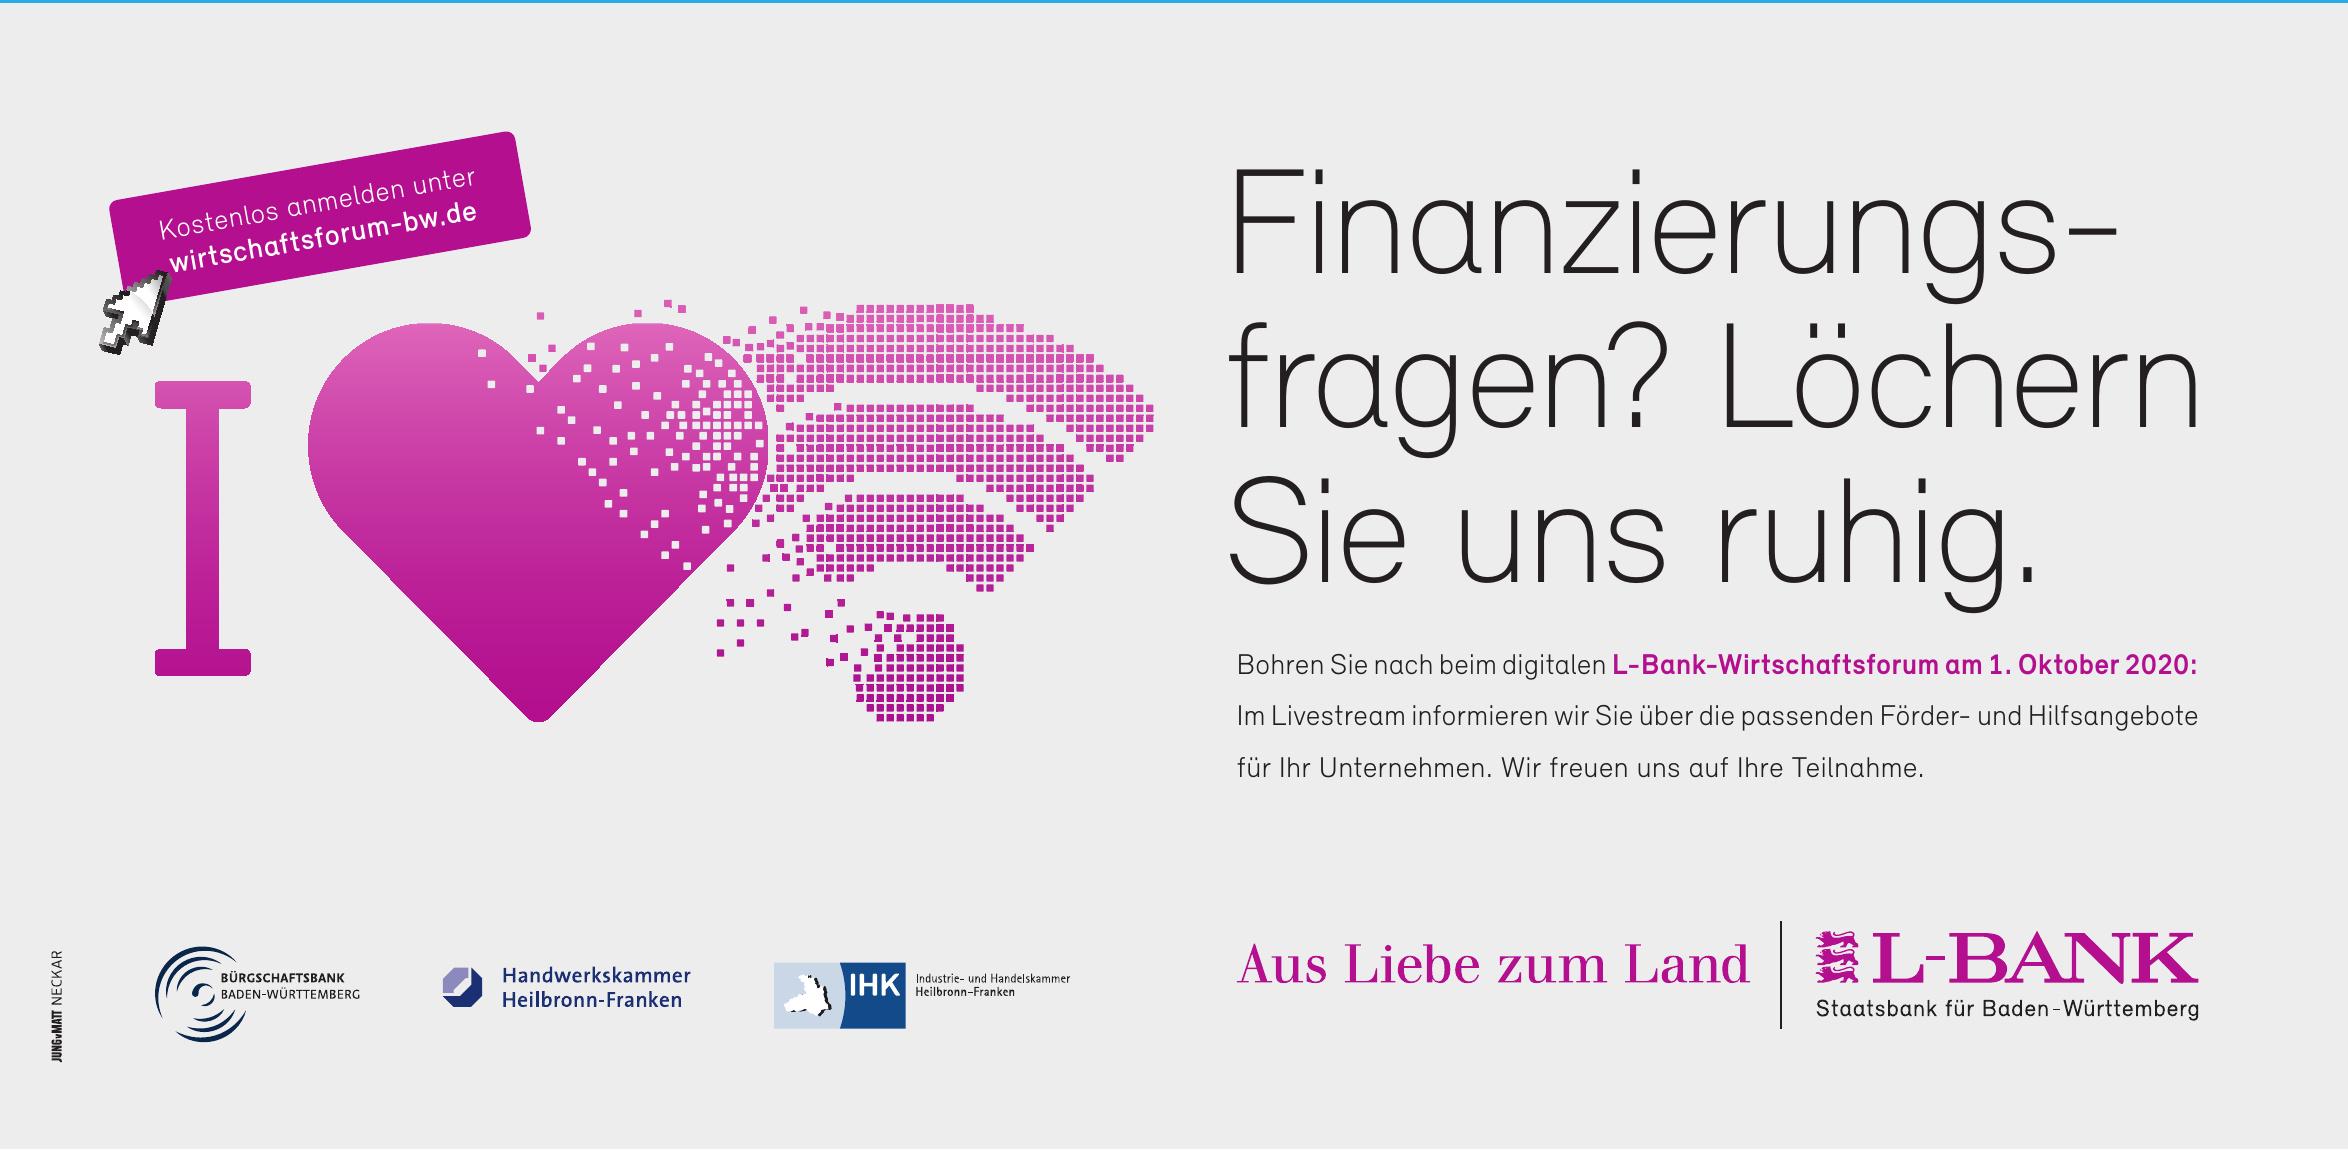 L-Bank-Wirtschaftsforum